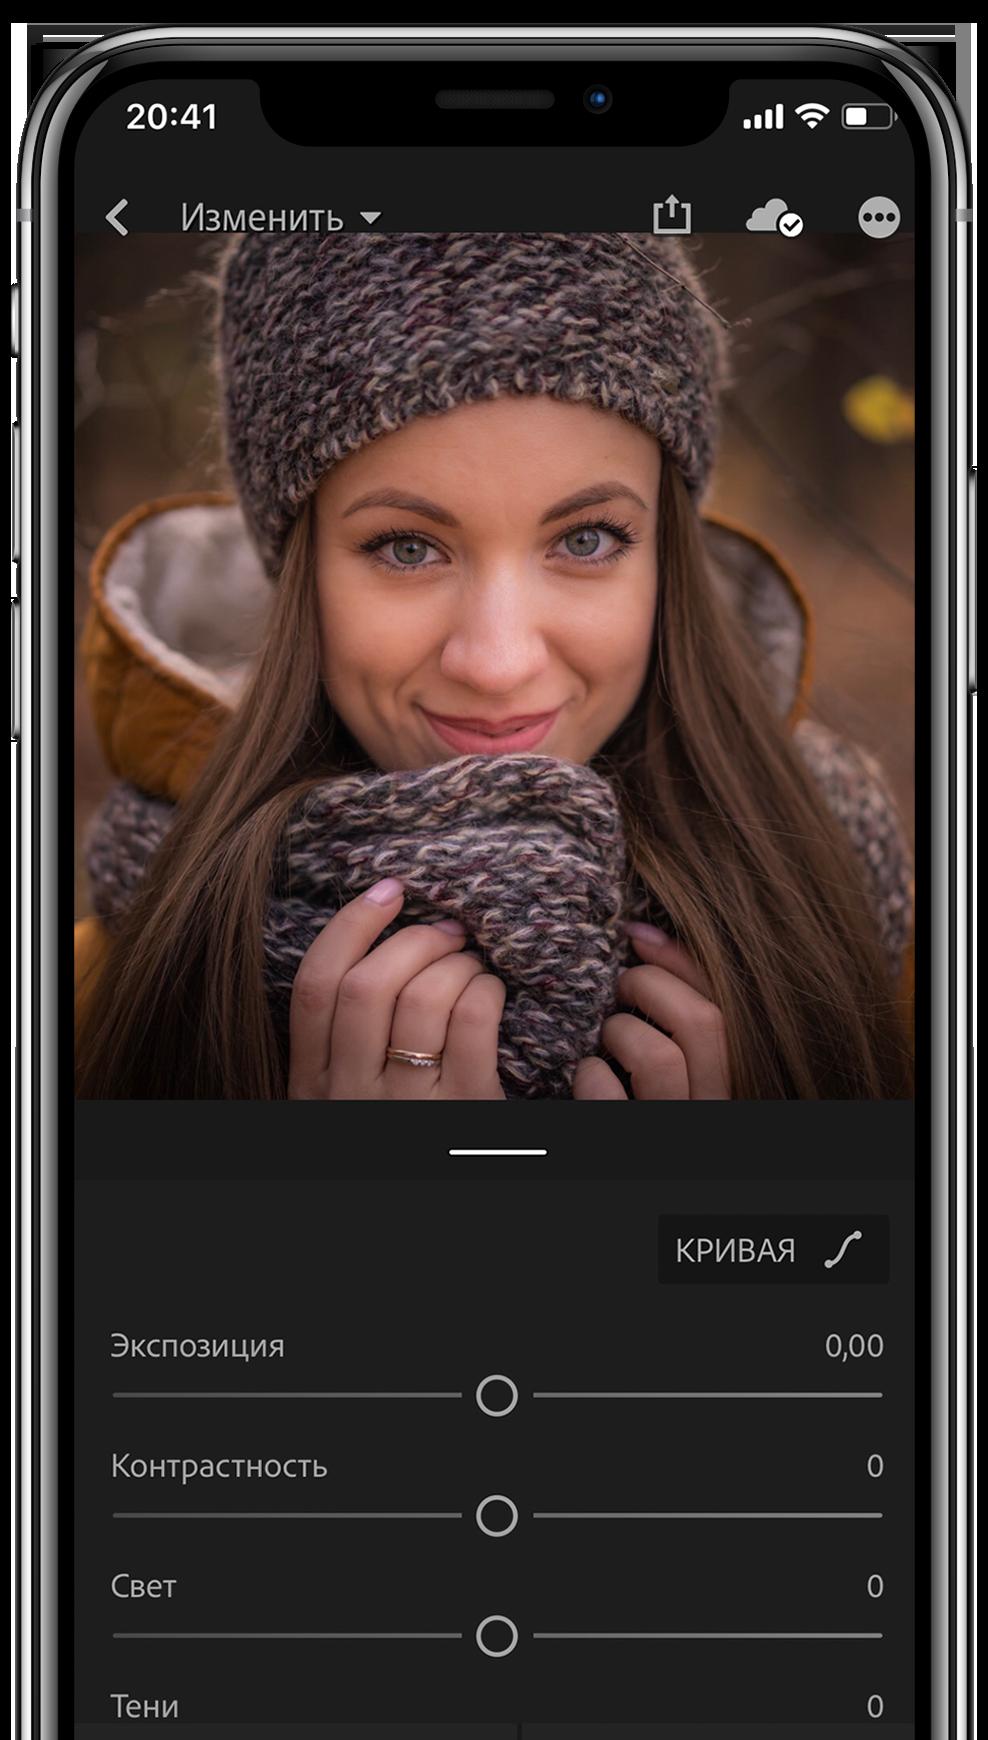 приложение для обработки фото с функцией заплатка куриный бульон